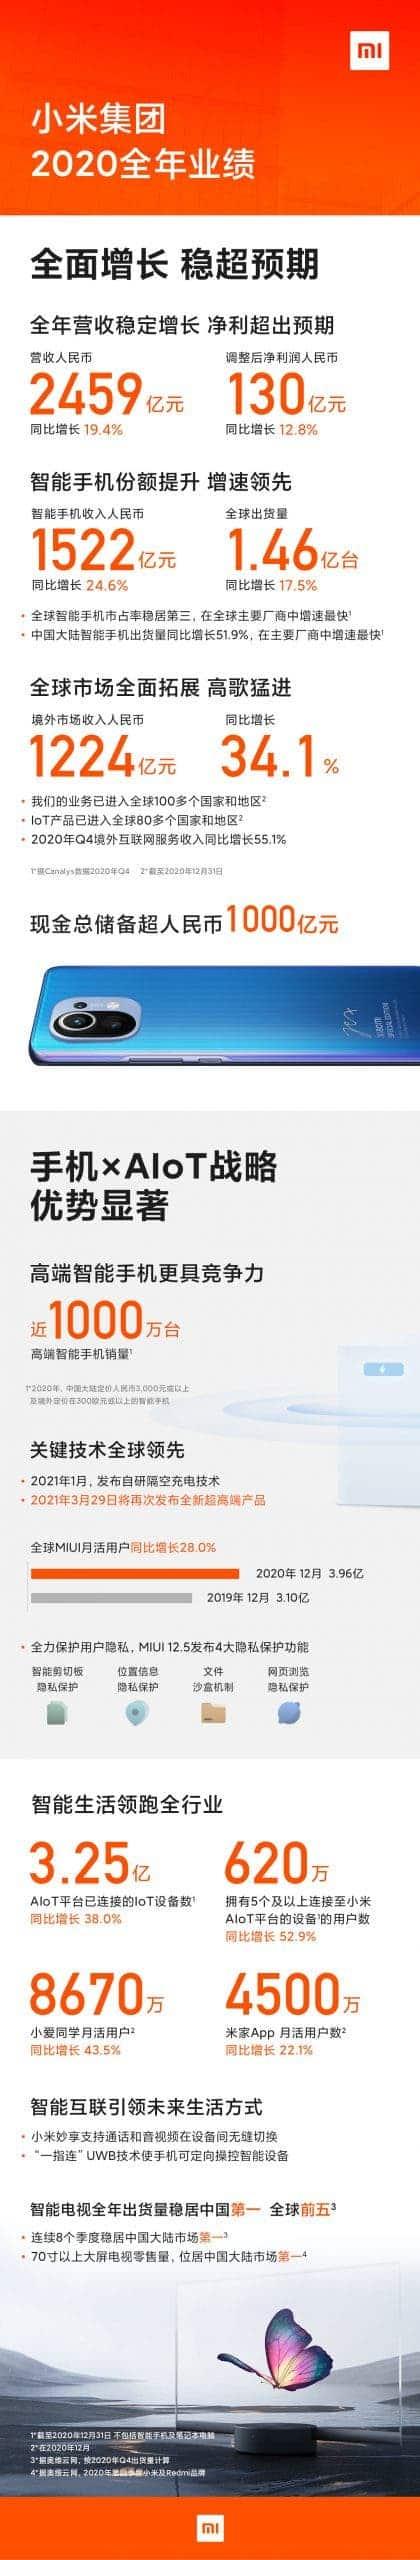 Xiaomi's annual report